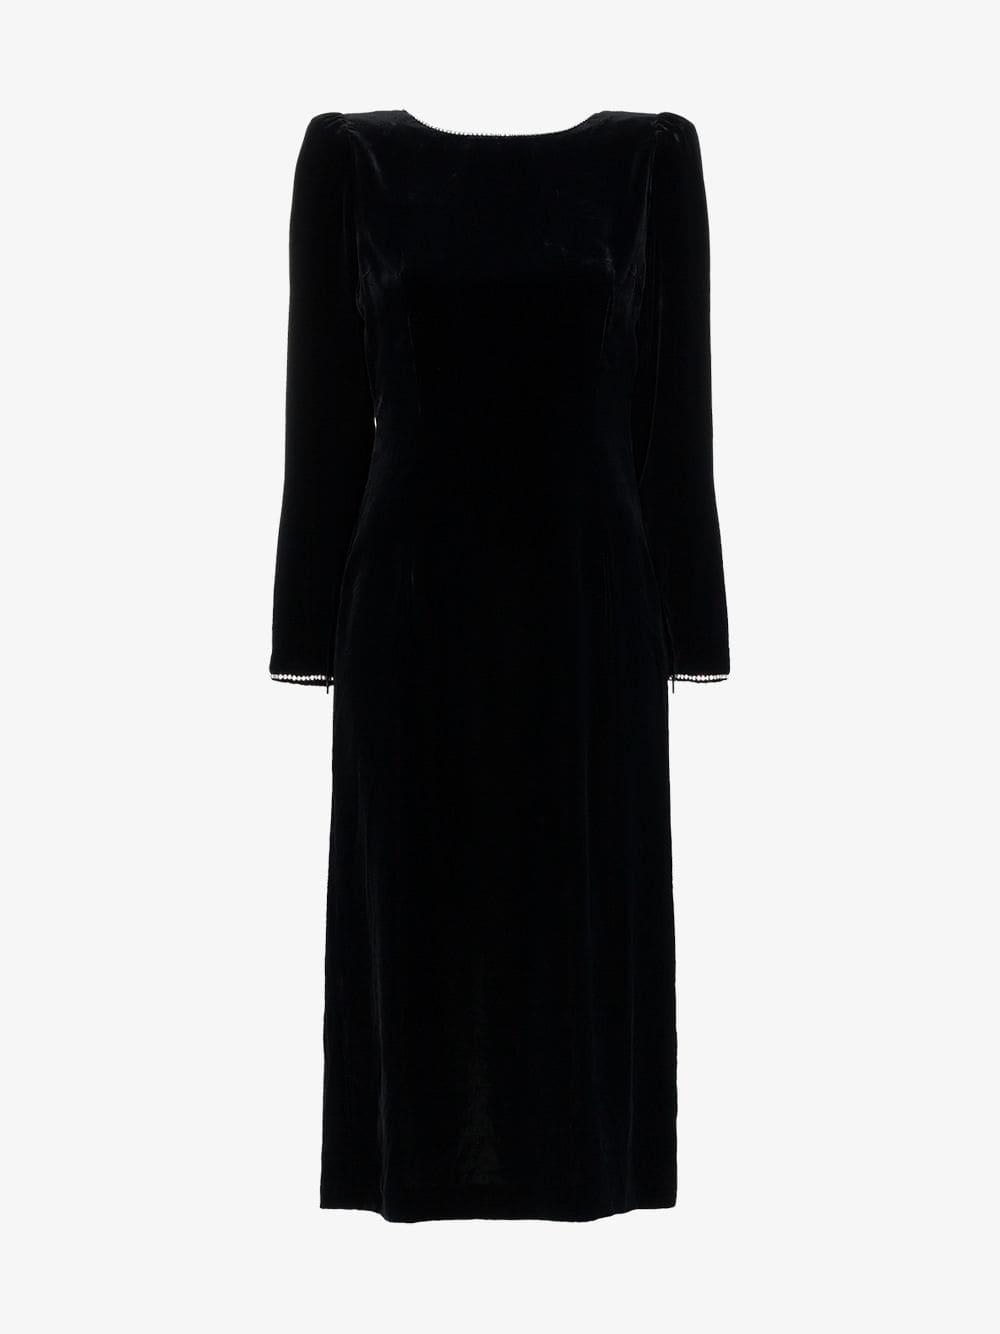 68fbdfb14 GUCCI Crystal Embellished Open Back Silk Blend Velvet Black Dress ...